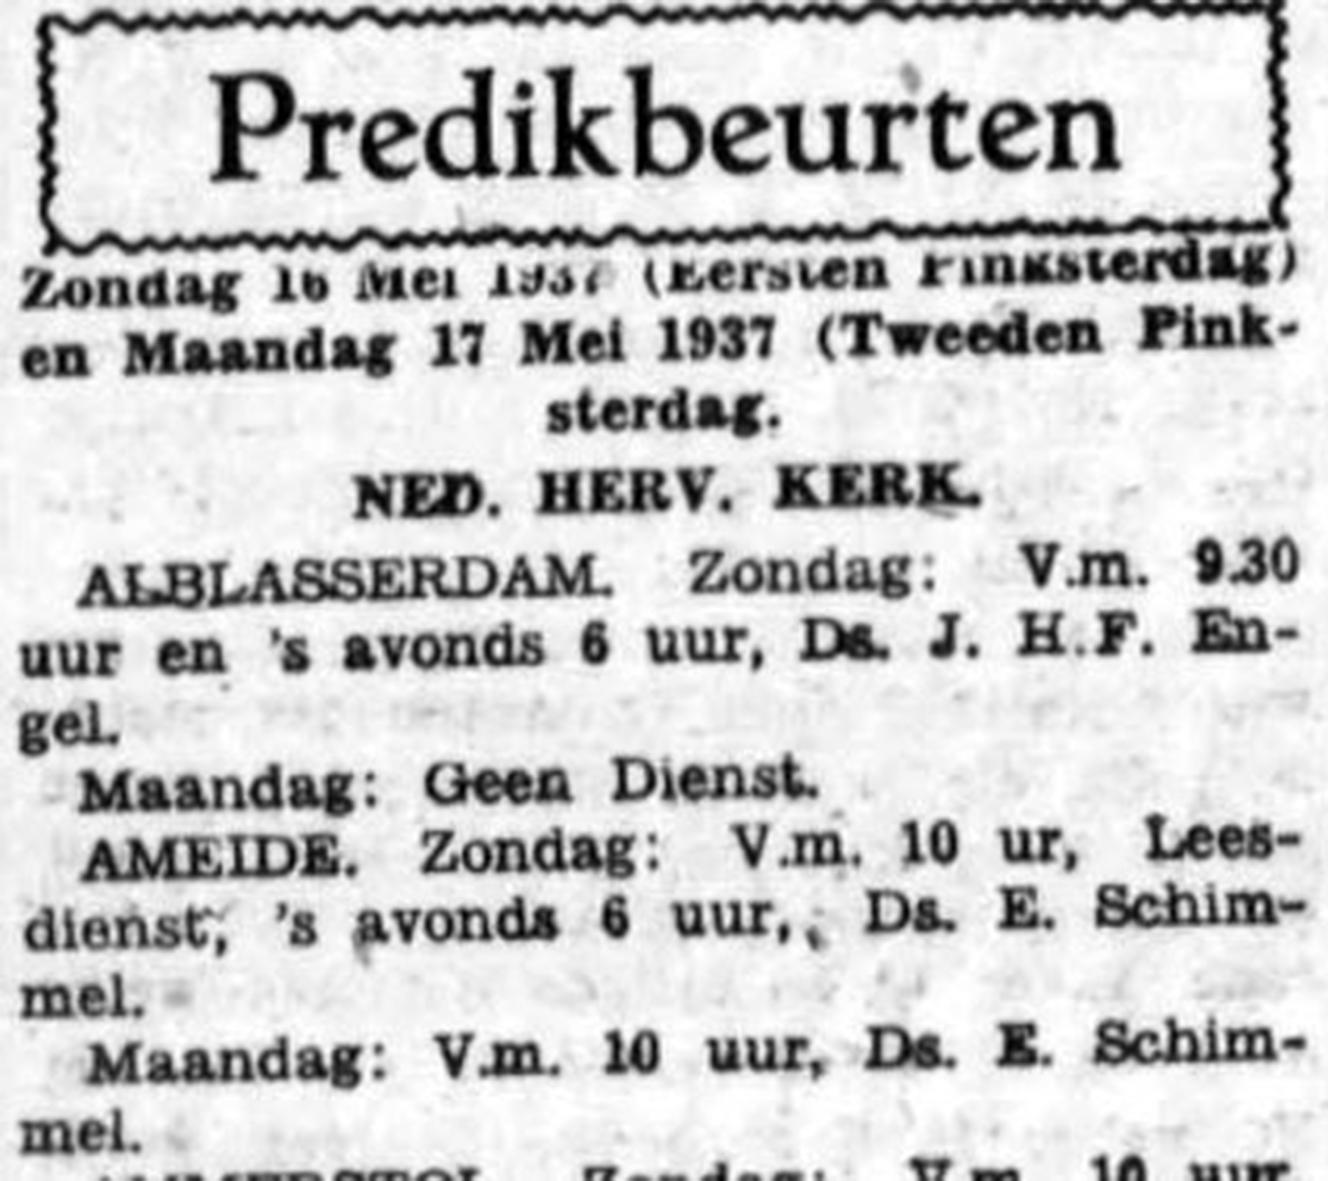 schoonhovensche-courant-06809-1937-05-14-artikel-04